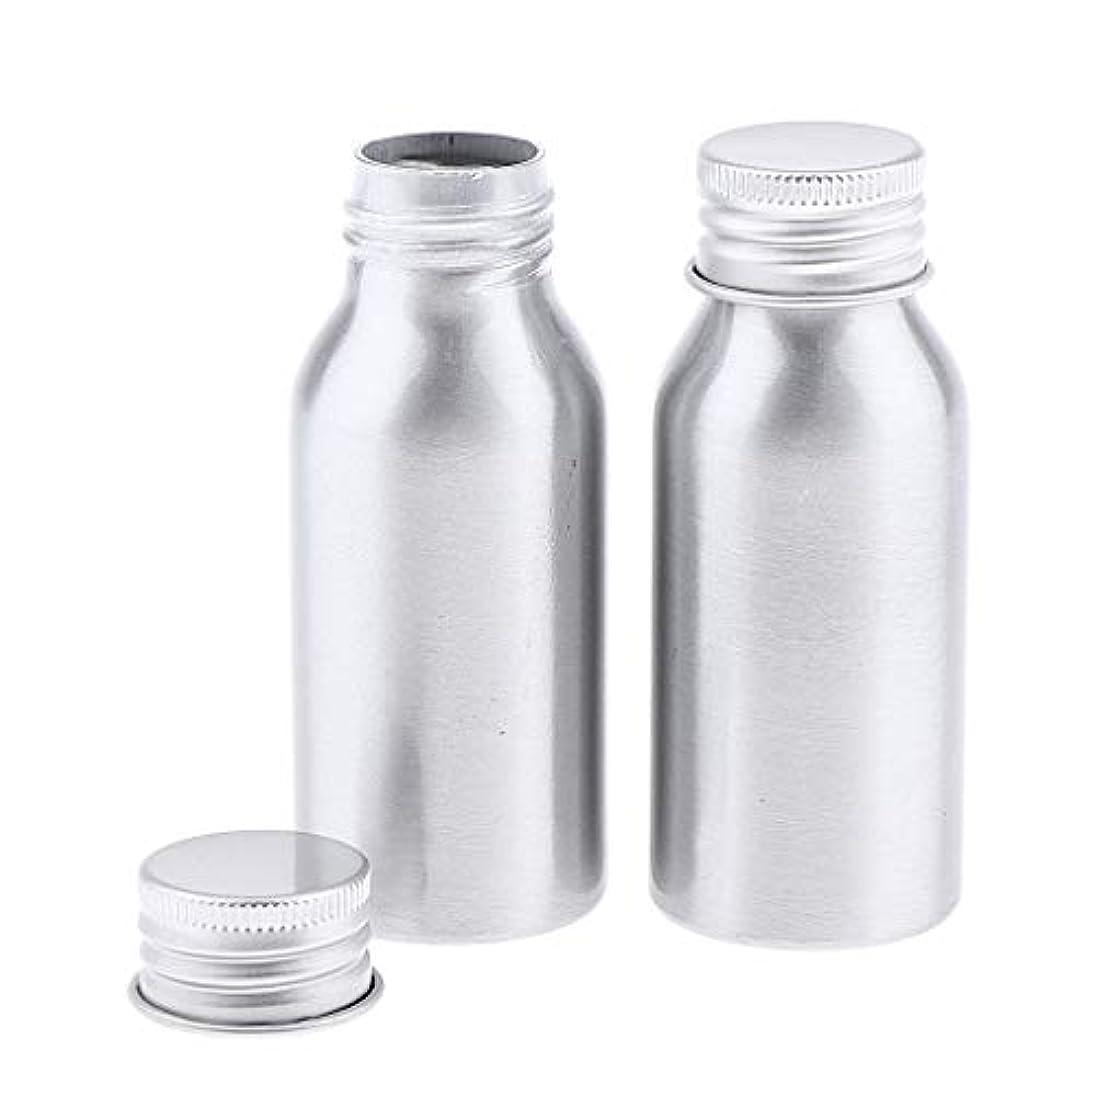 雲テスト休憩T TOOYFUL アルミボトル 空ボトル 化粧品収納容器 ディスペンサーボトル 旅行 アウトドア 2本 全5サイズ - 50ml